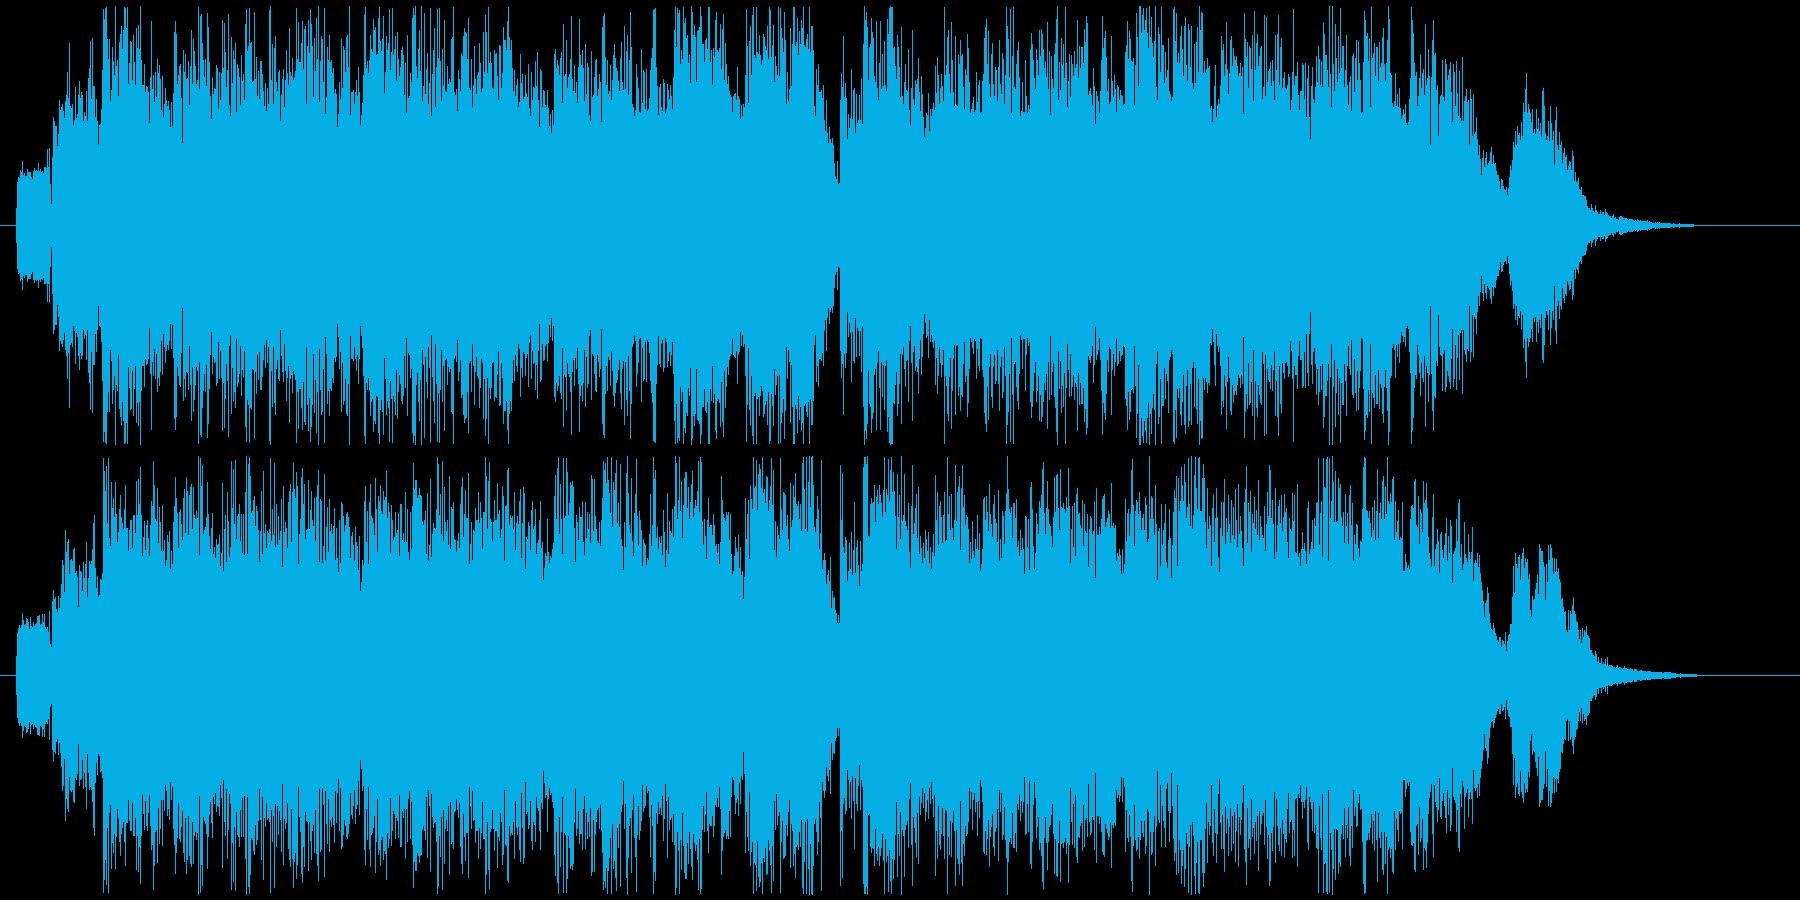 車のCMで流れるパワフルな曲の再生済みの波形